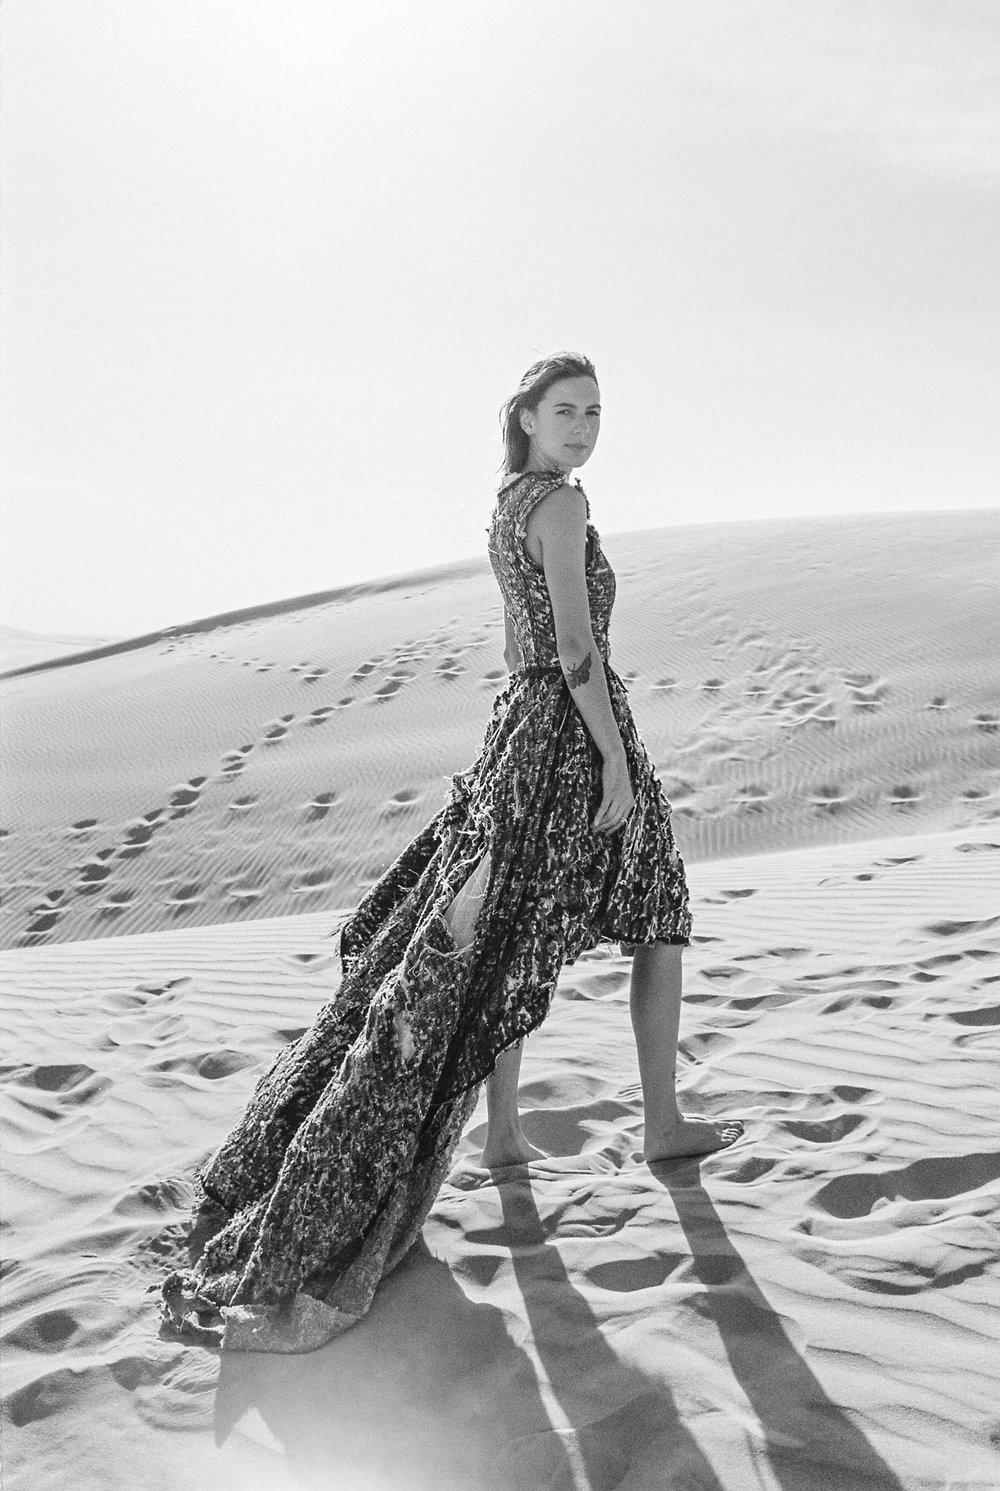 DesertFilm2 (11 of 101).jpg